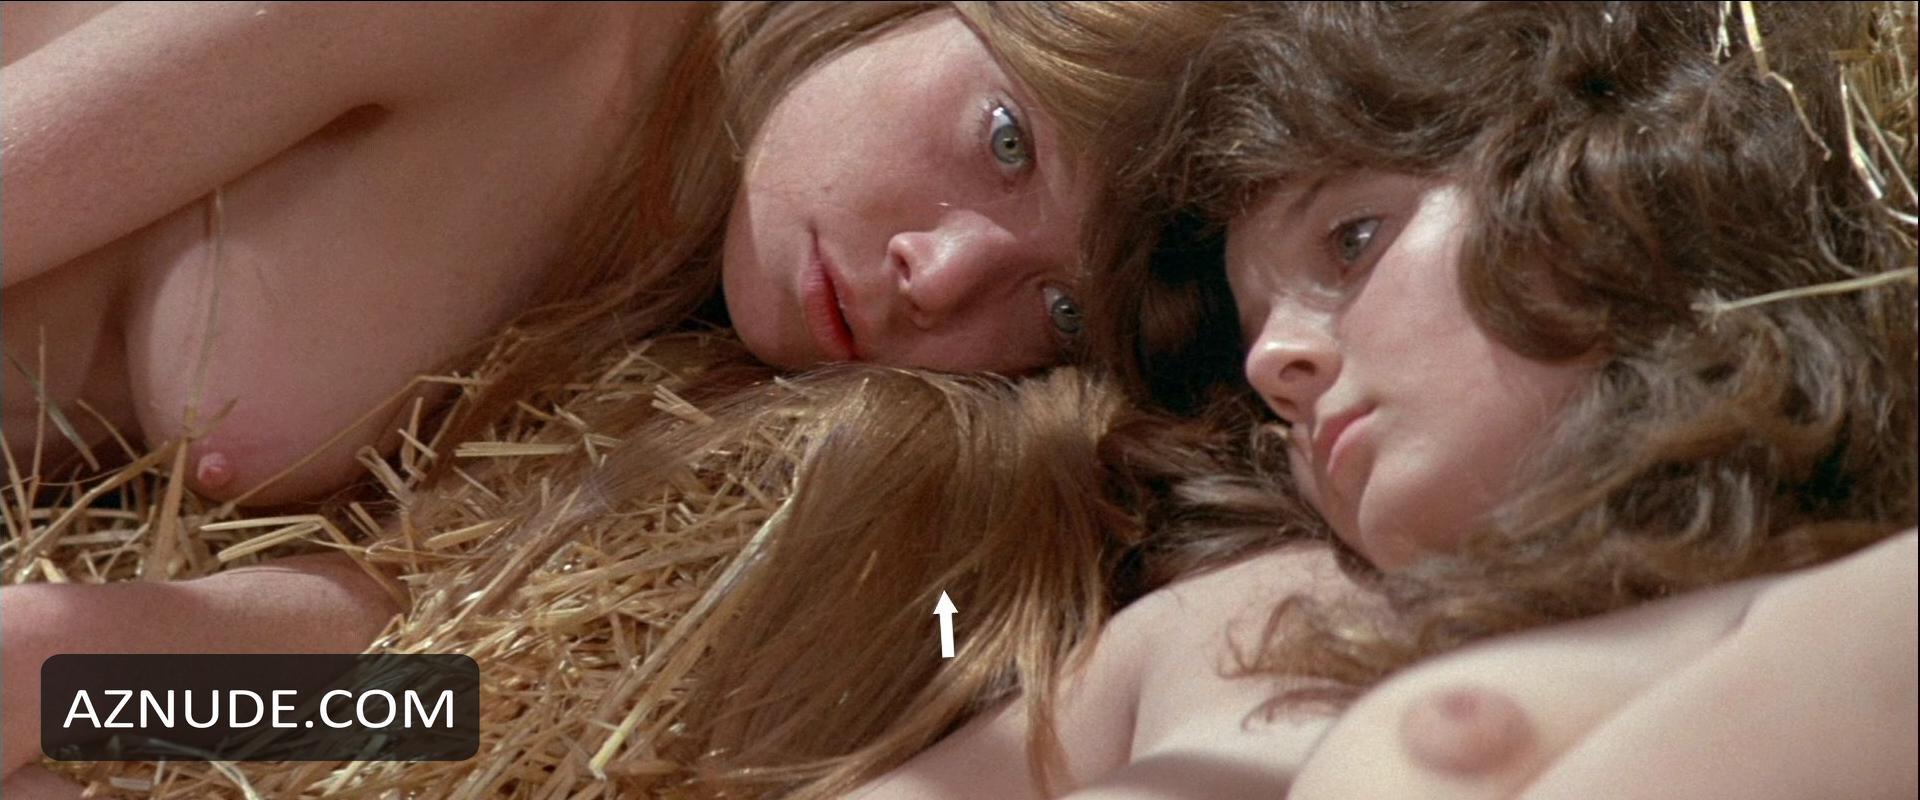 Prime Cut Nude Scenes - Aznude-4978